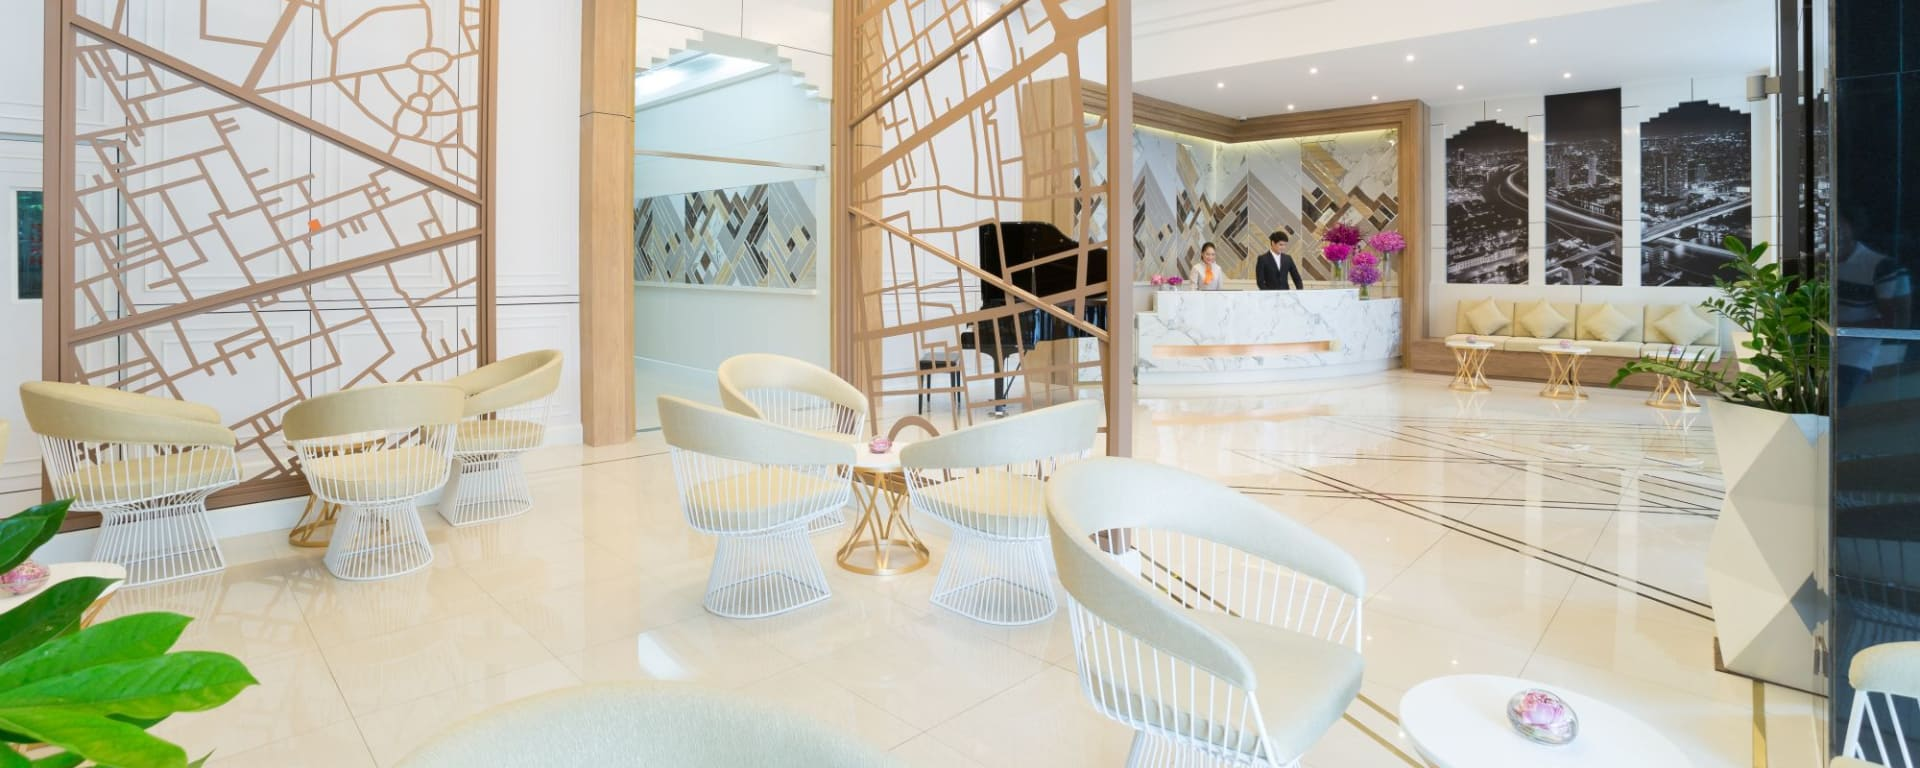 Bandara Suites Silom à Bangkok: Lobby